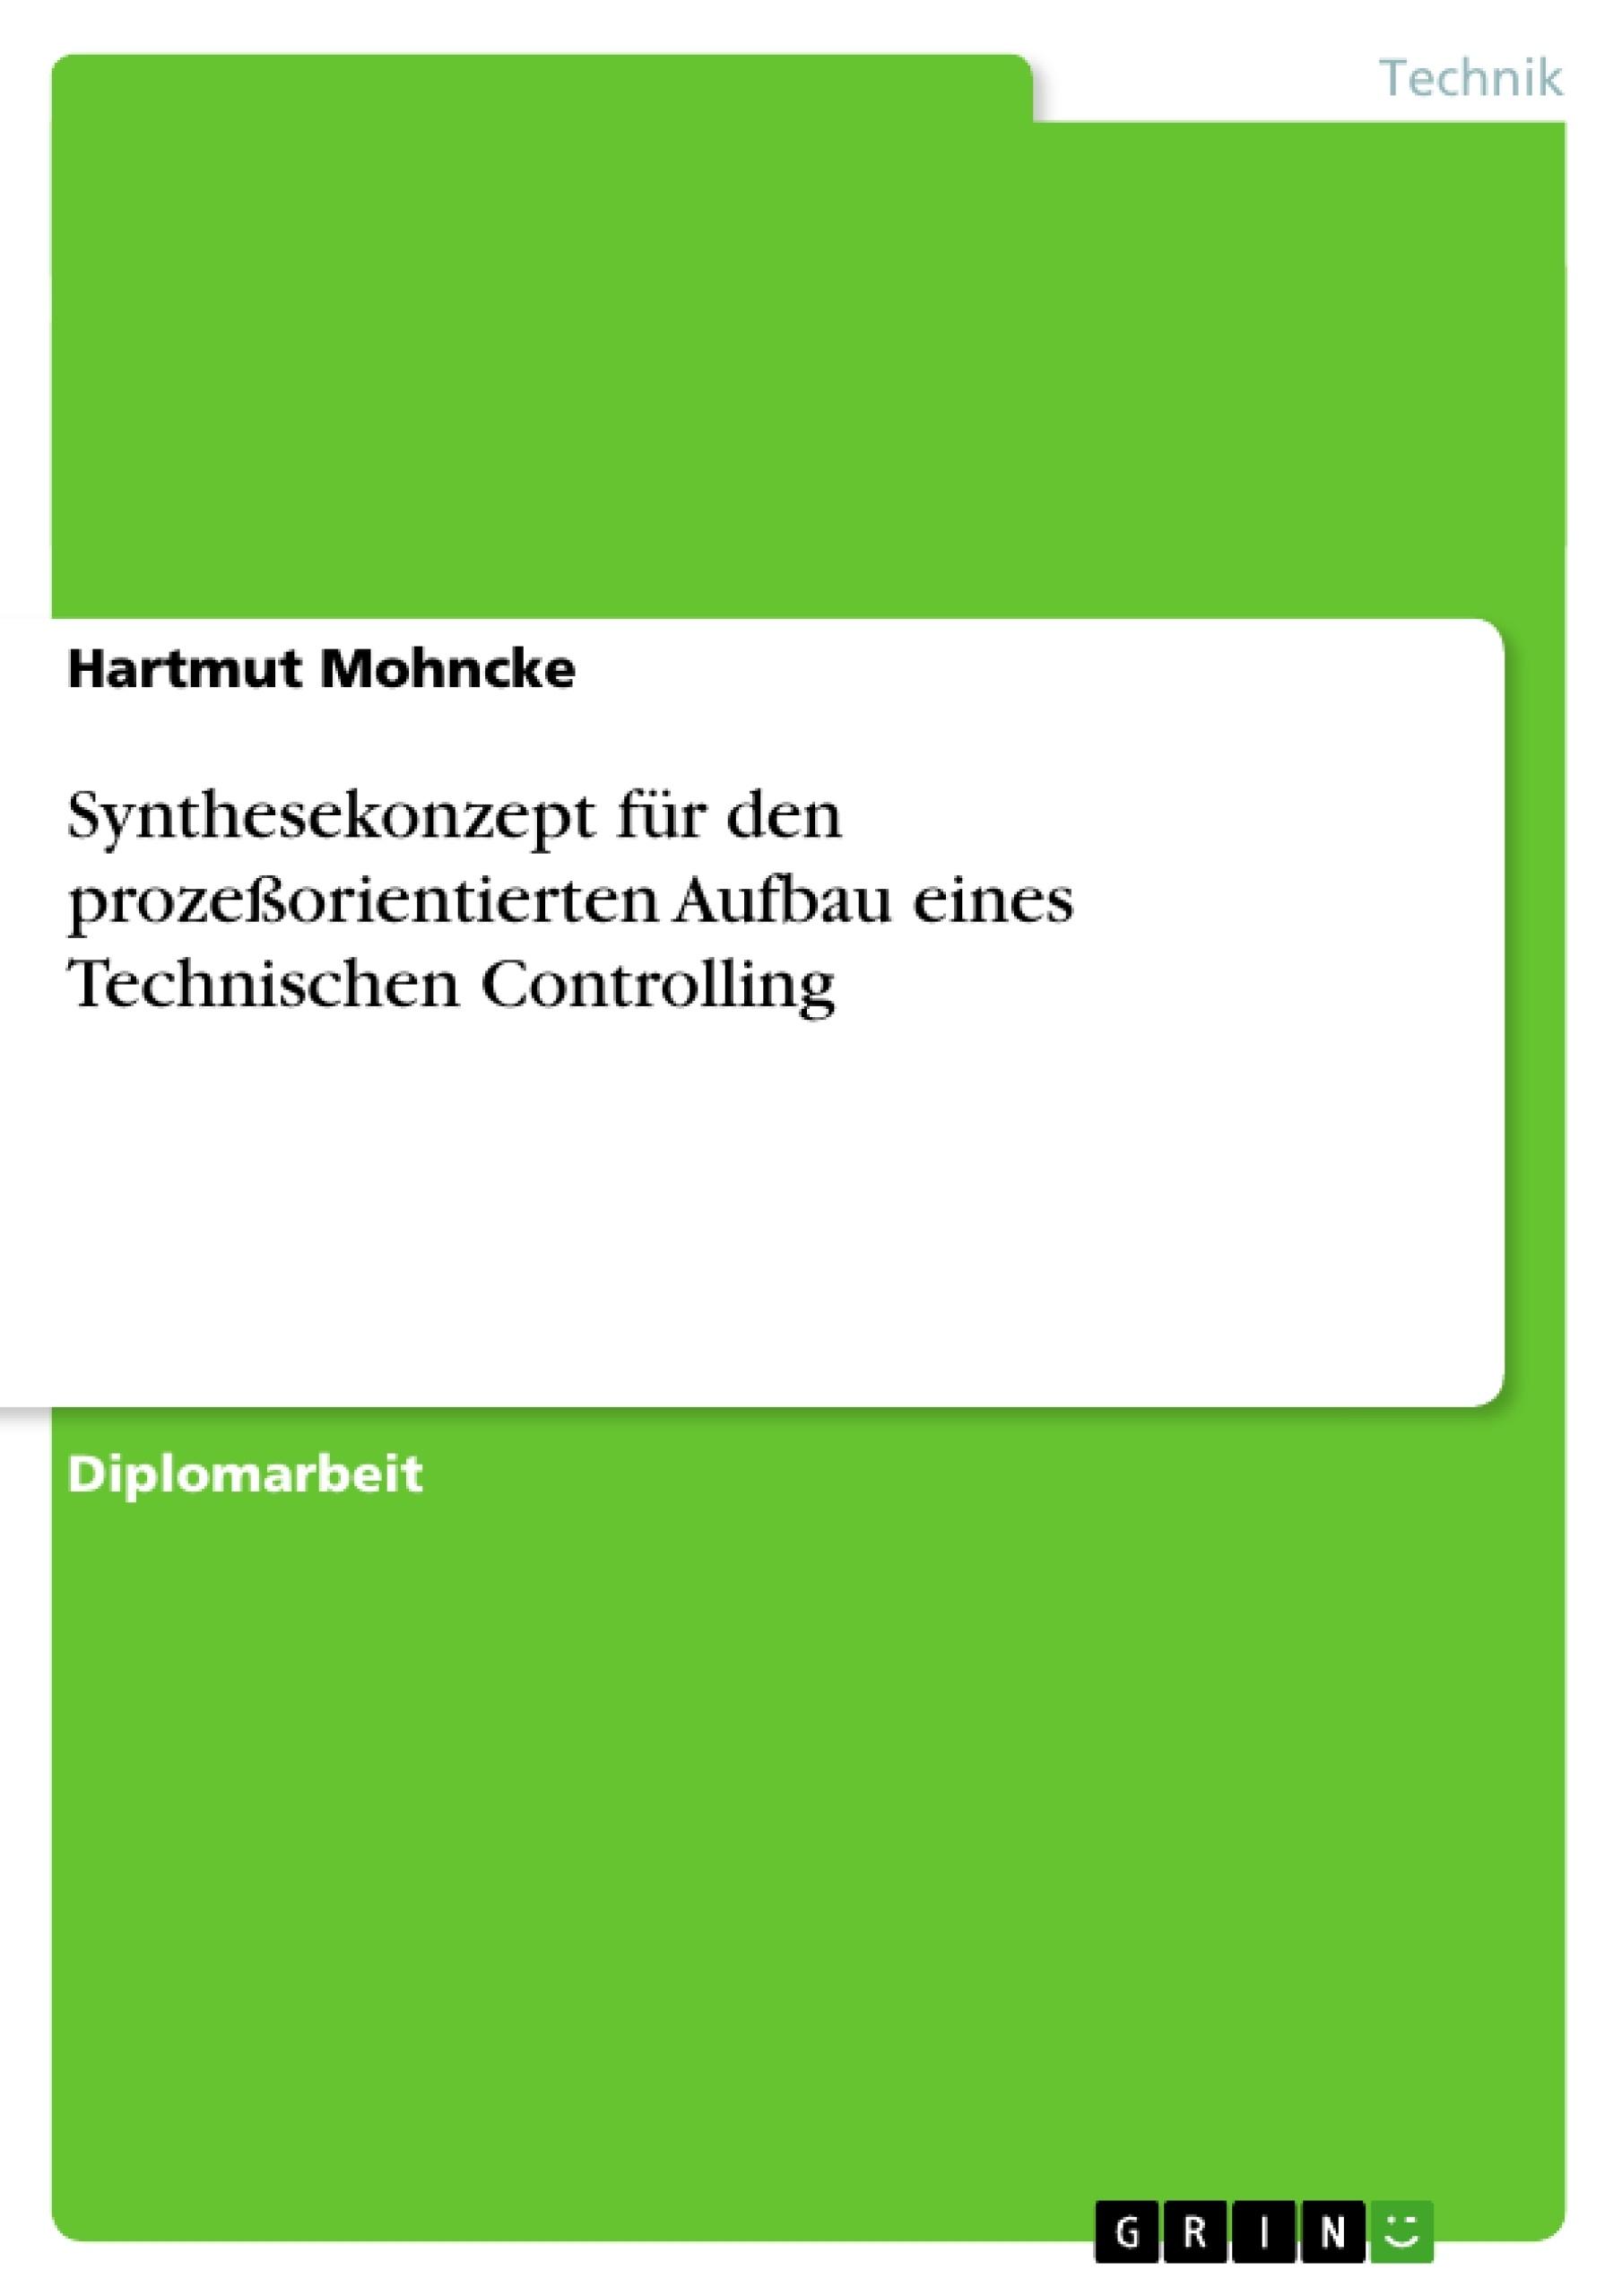 Titel: Synthesekonzept für den prozeßorientierten Aufbau eines Technischen Controlling